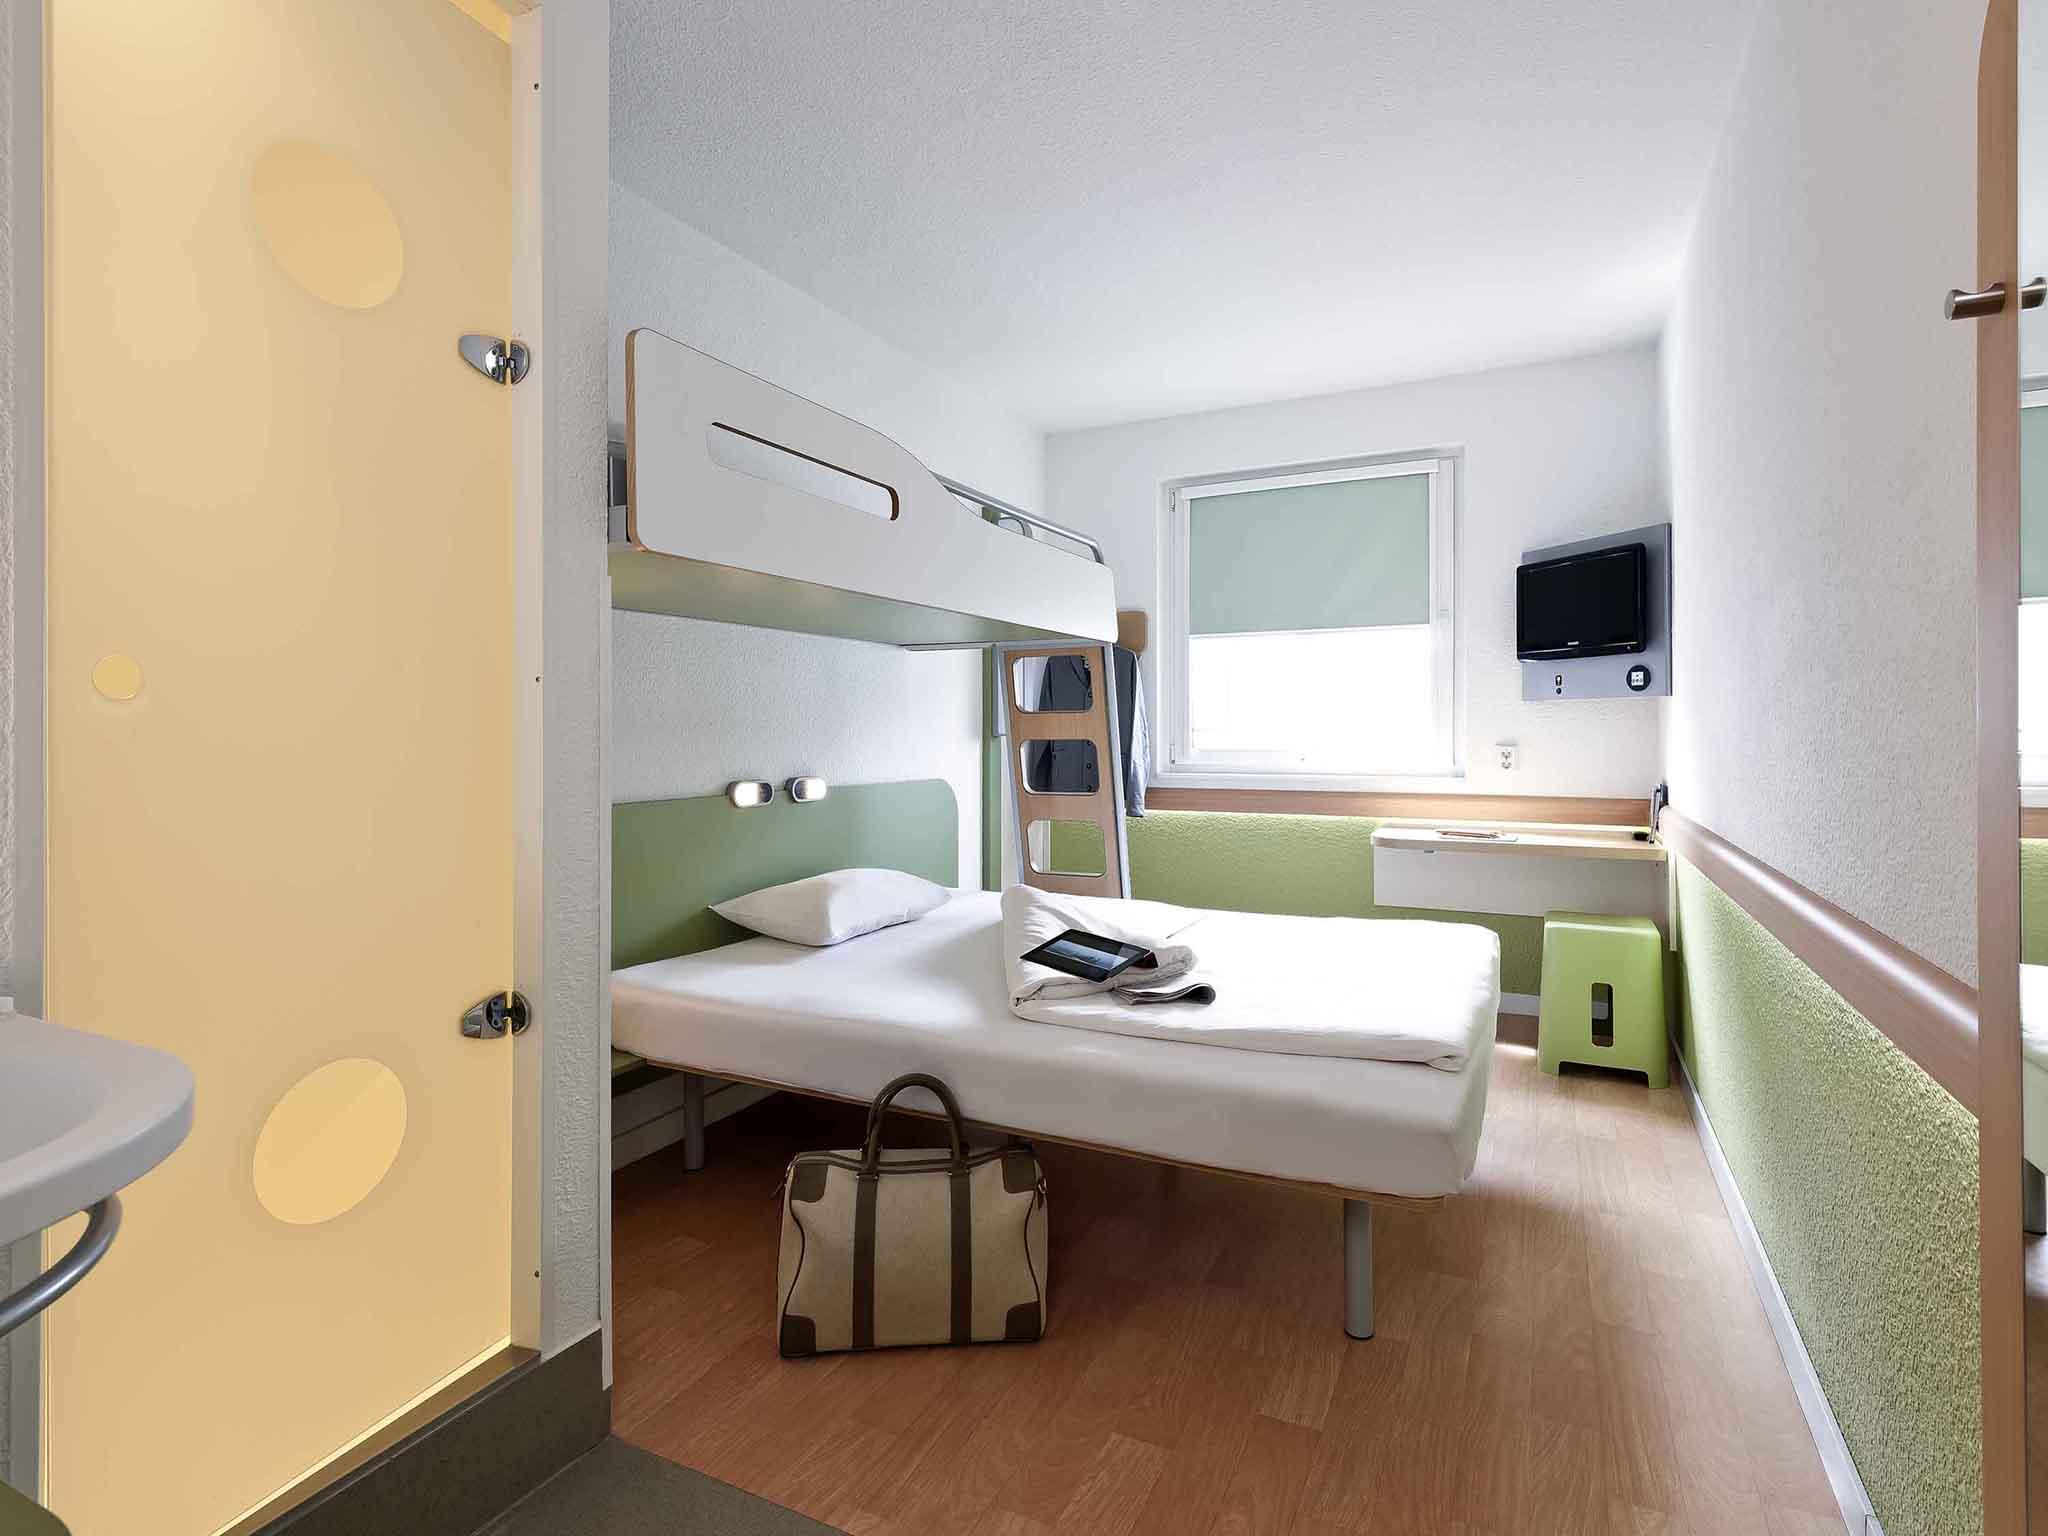 Ibis Hotel Budget Hamburg St Pauli